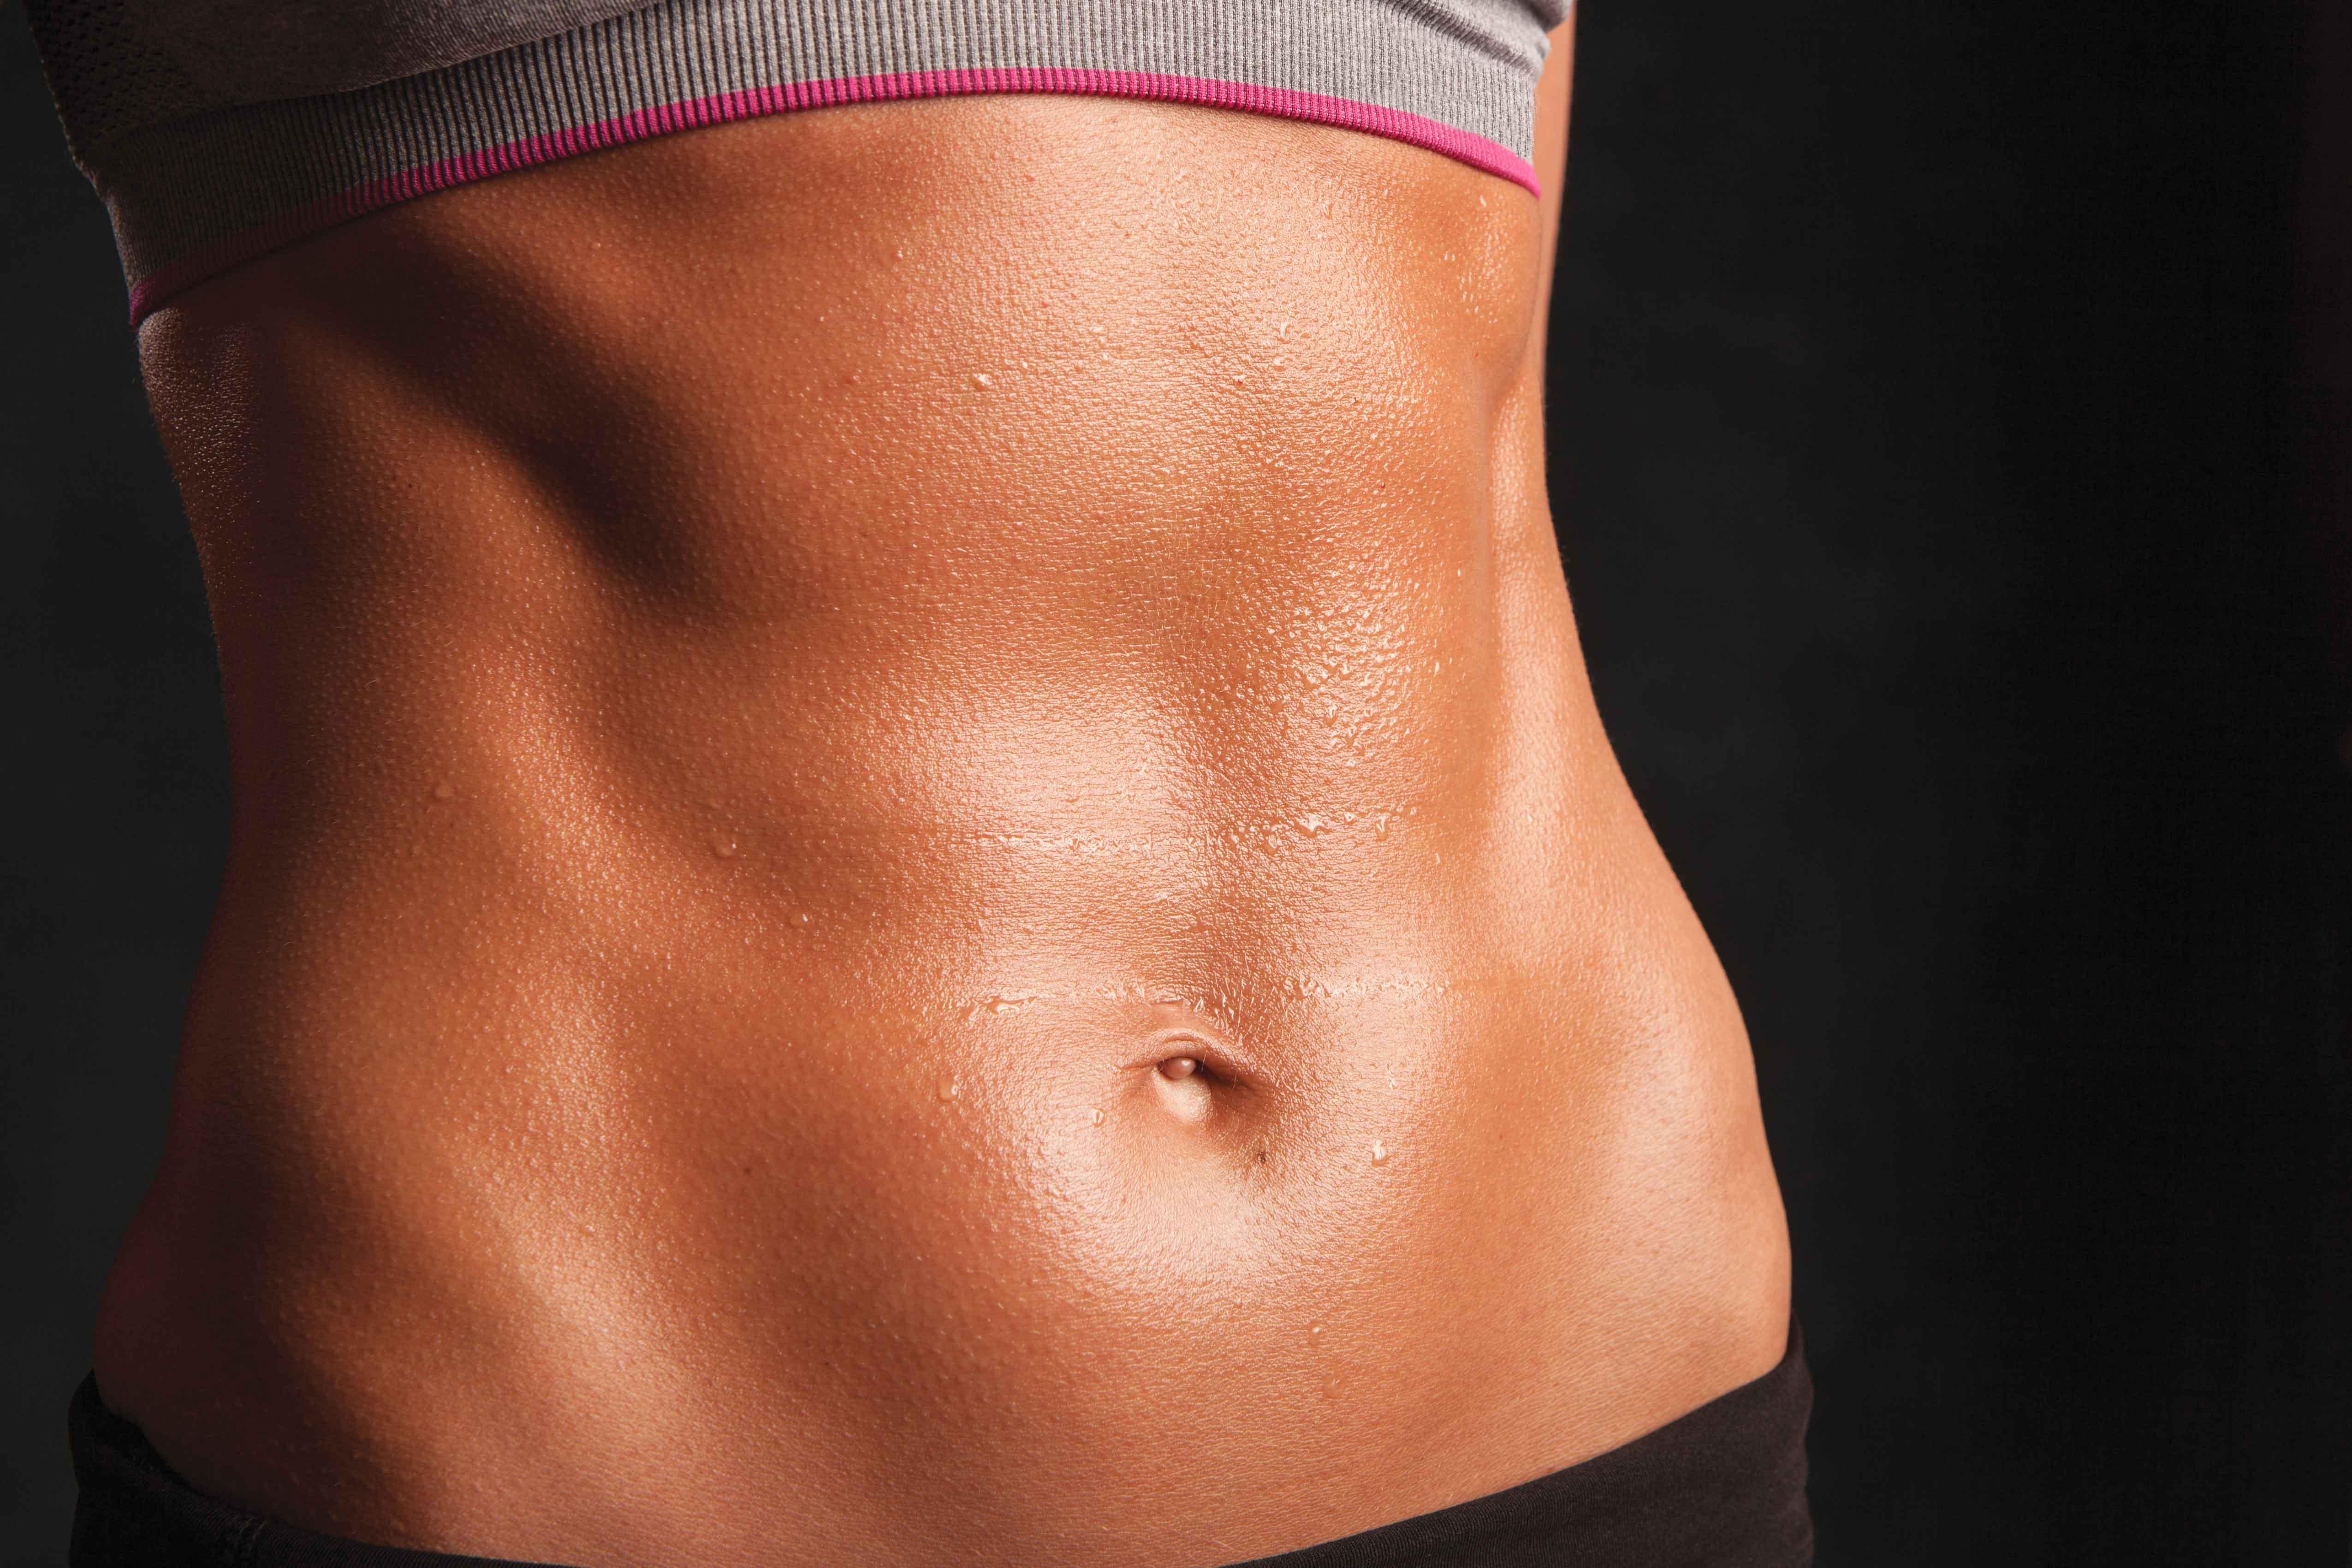 pierdeți în greutate dacă sunt obezi Sfaturile de pierdere în greutate durează 10 kilograme